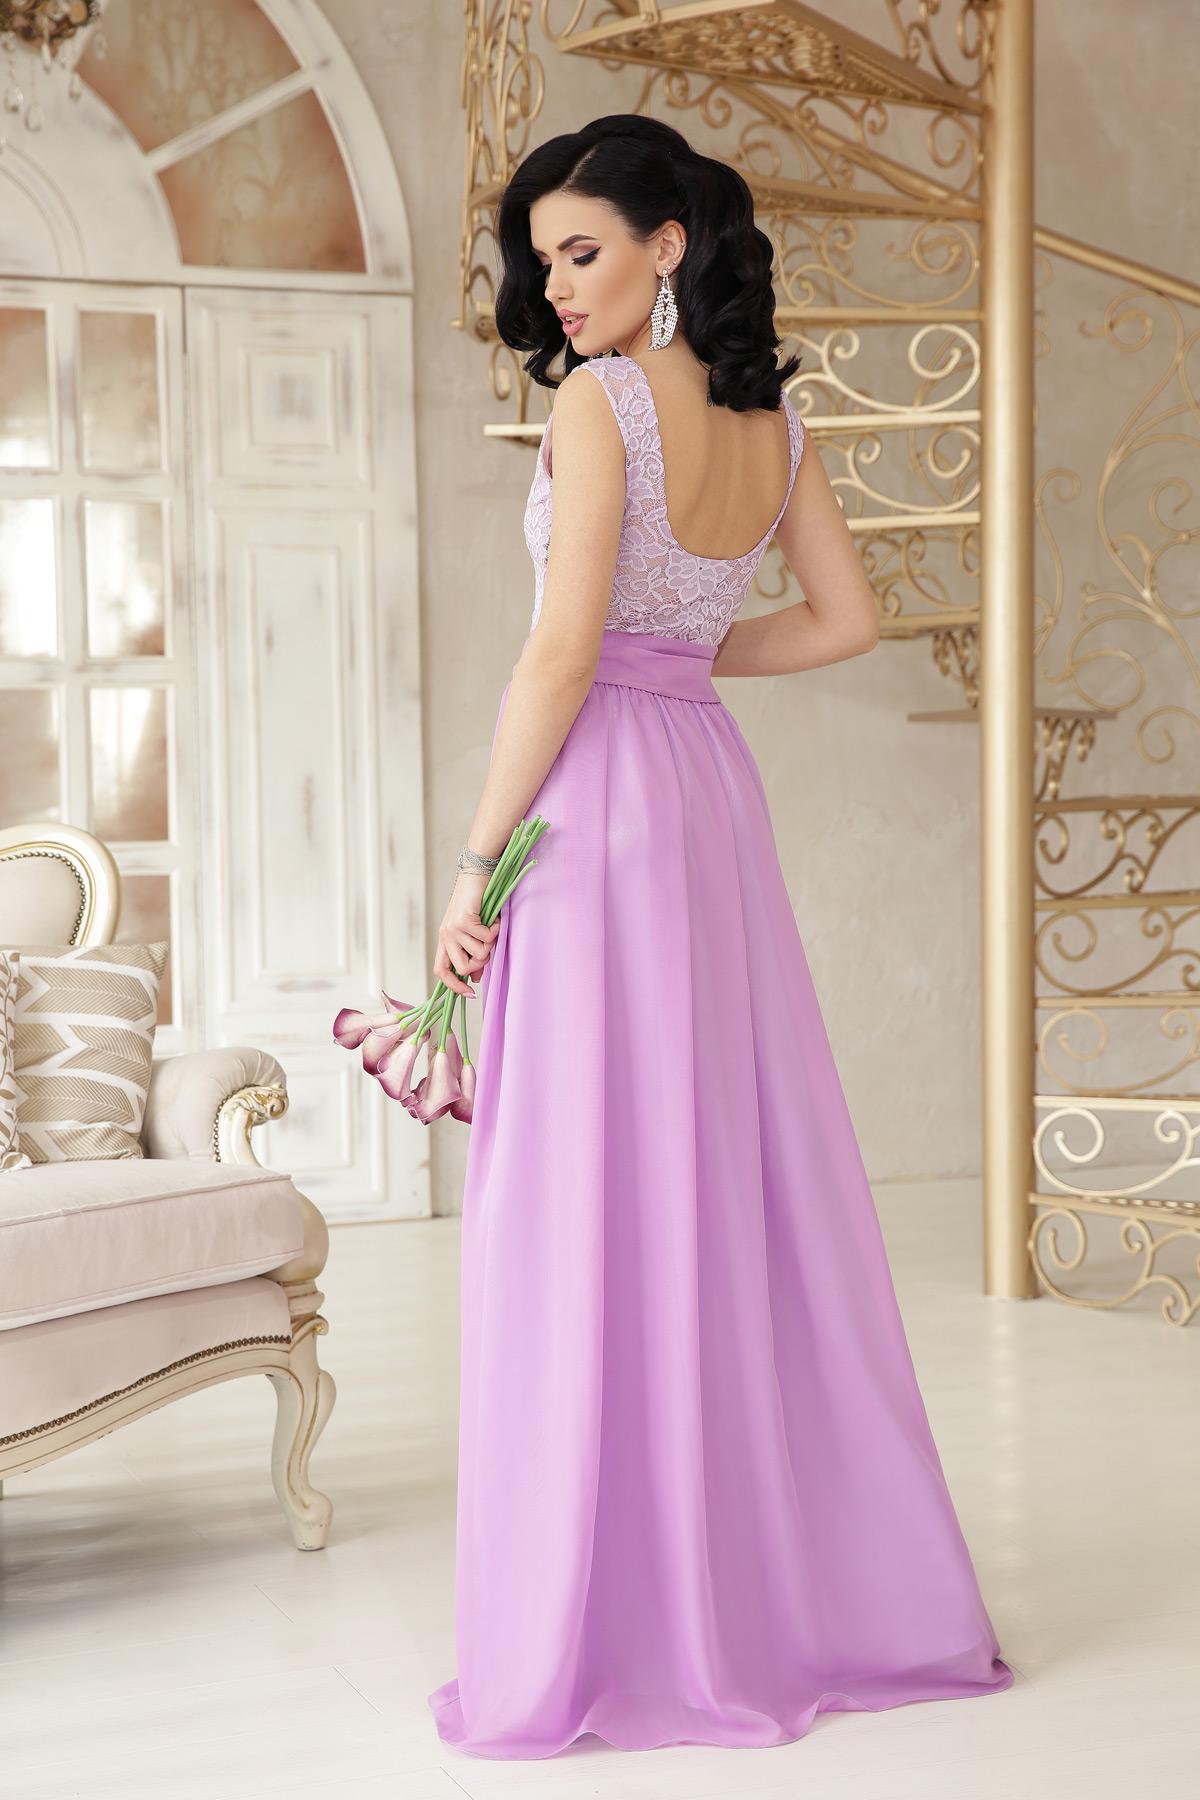 1e0ff321c37 Цвет  лавандовый купить  длинное персиковое платье. платье Анисья б р.  Цвет  лавандовый цена